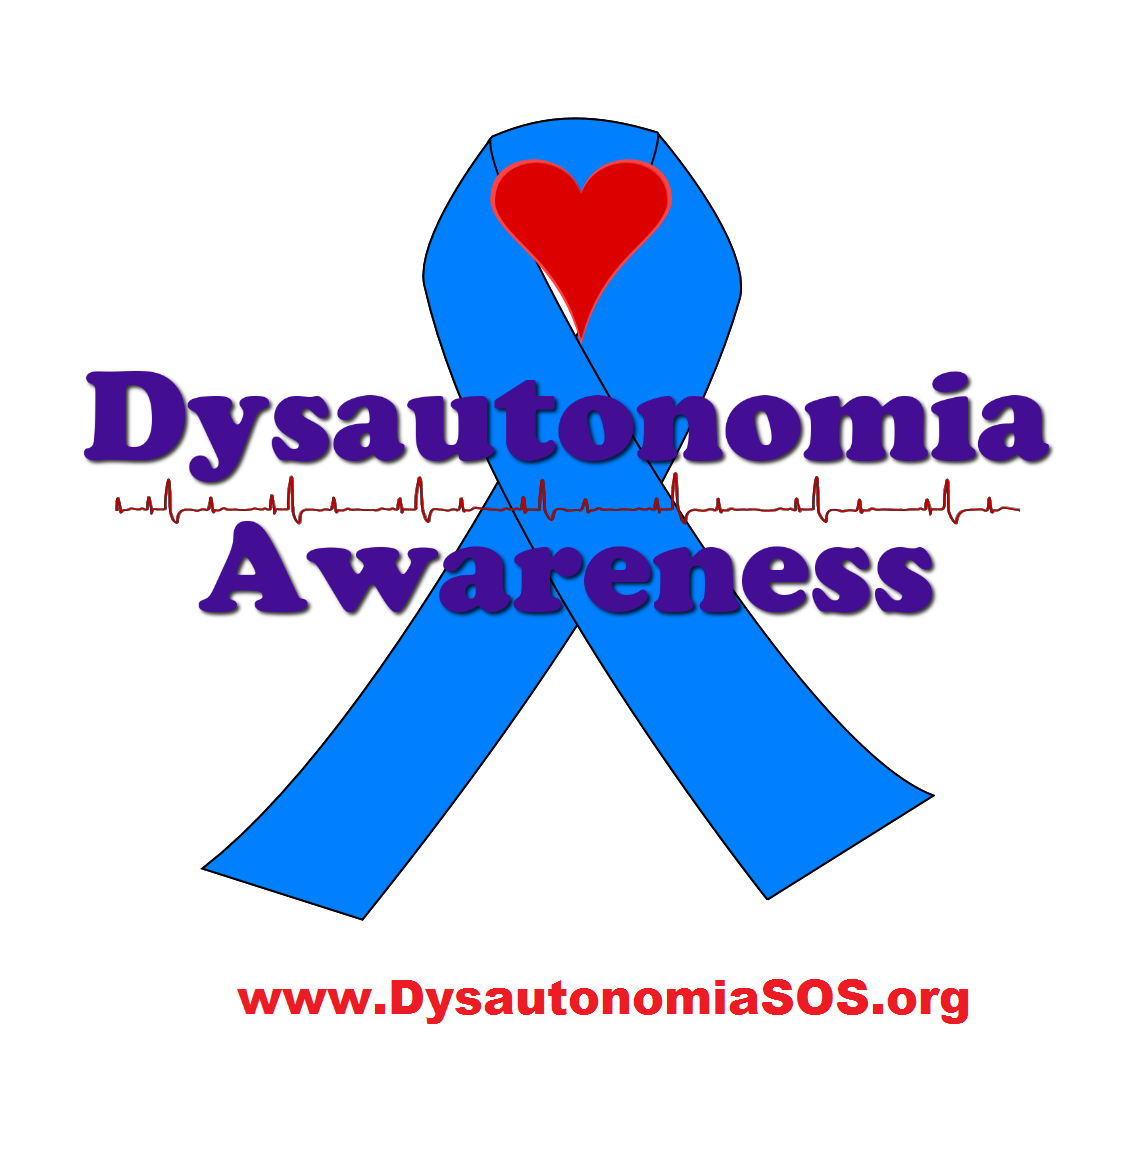 Dysautonomia Awareness